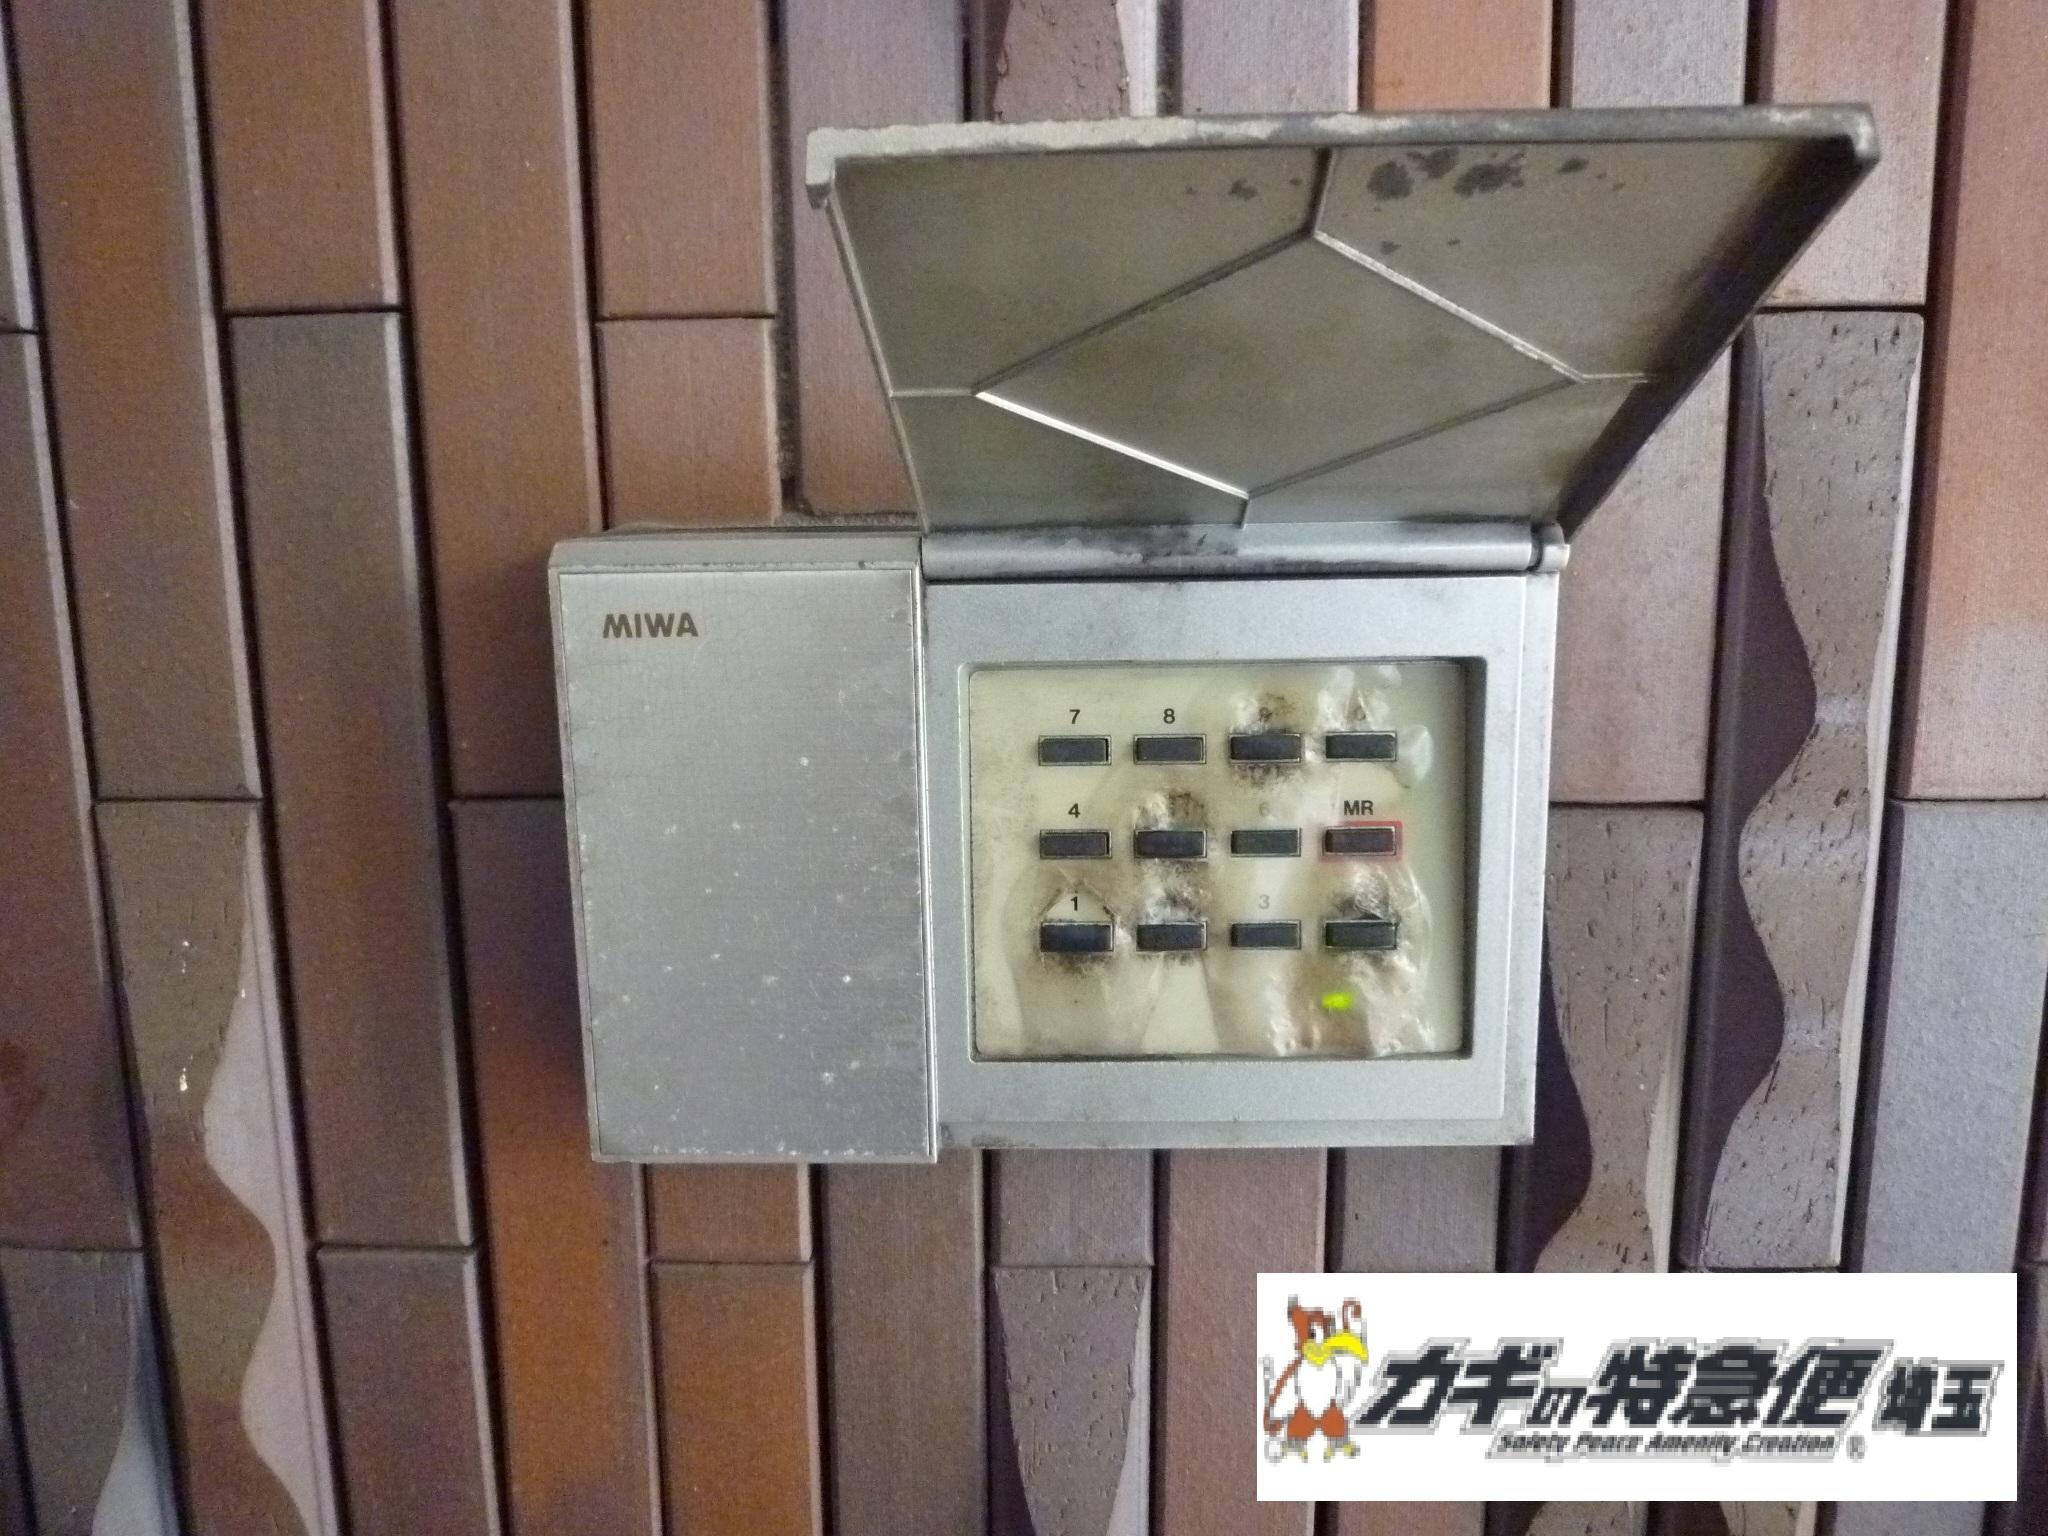 電気錠システムの修理・交換(美和ロックマジカルテンキー電気錠システムの交換修理 埼玉県さいたま市)